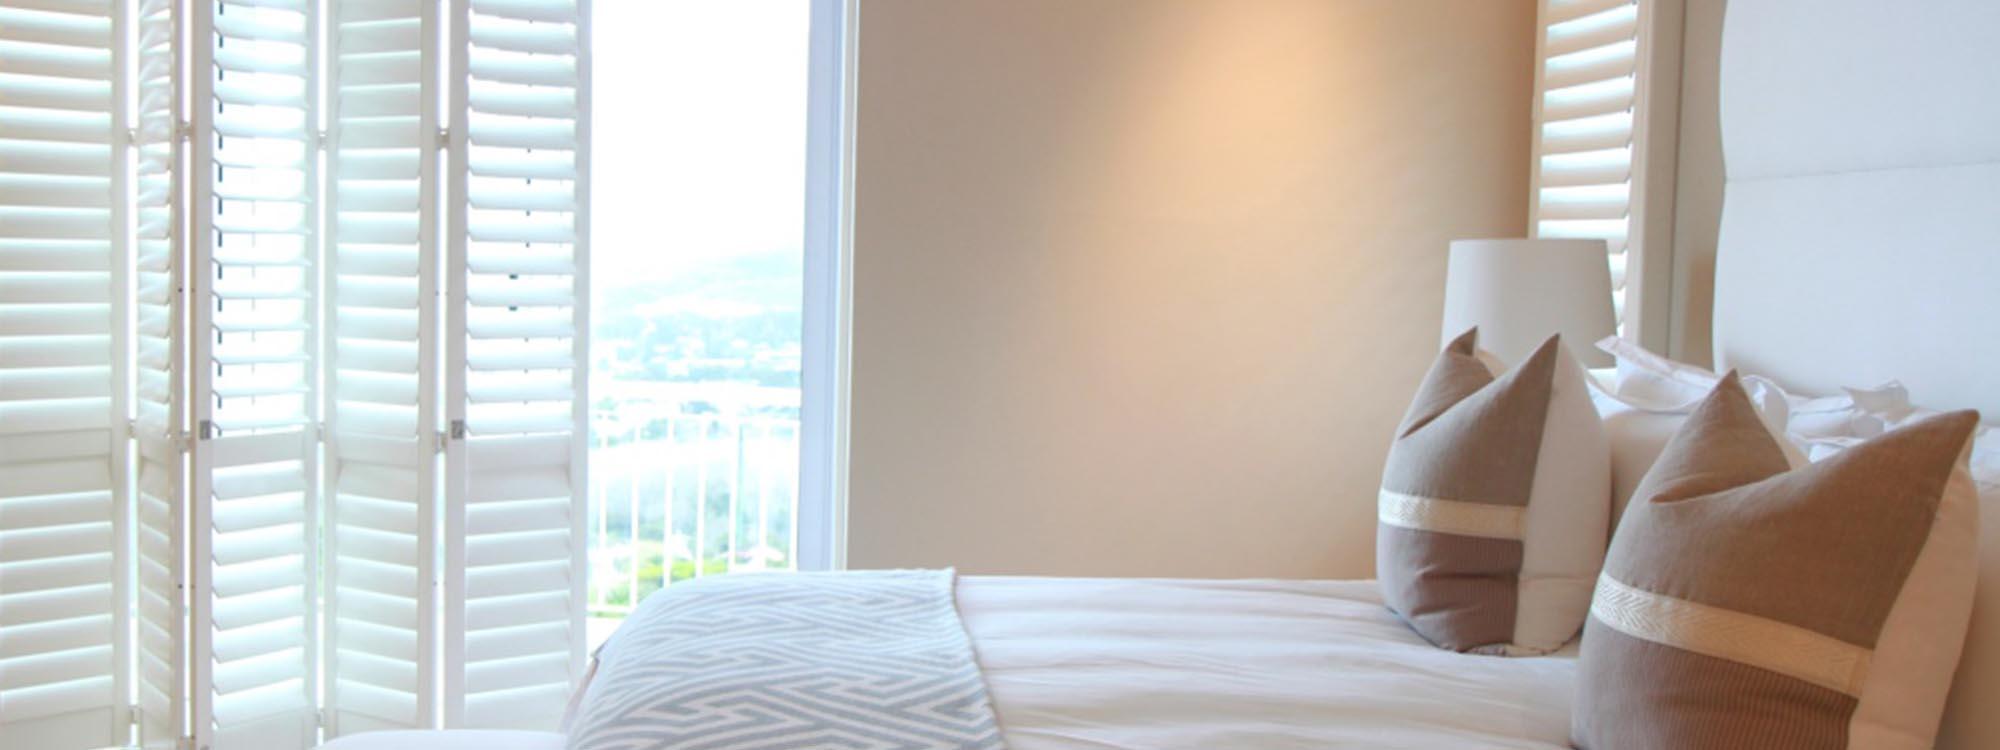 Decowood-shutters-bedroom-bi-fold-neutral